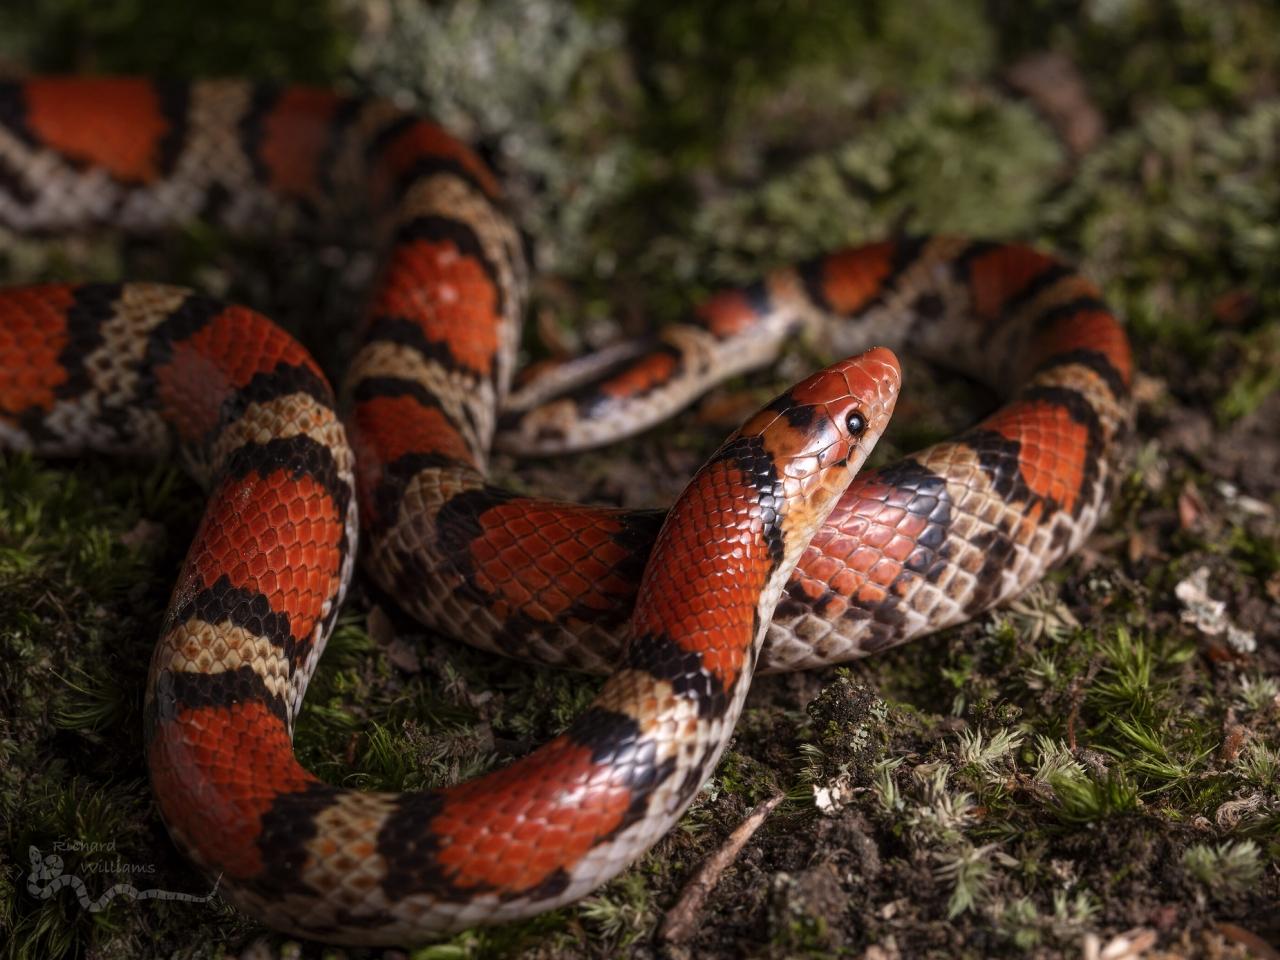 Serpiente de Coral - 1280x960